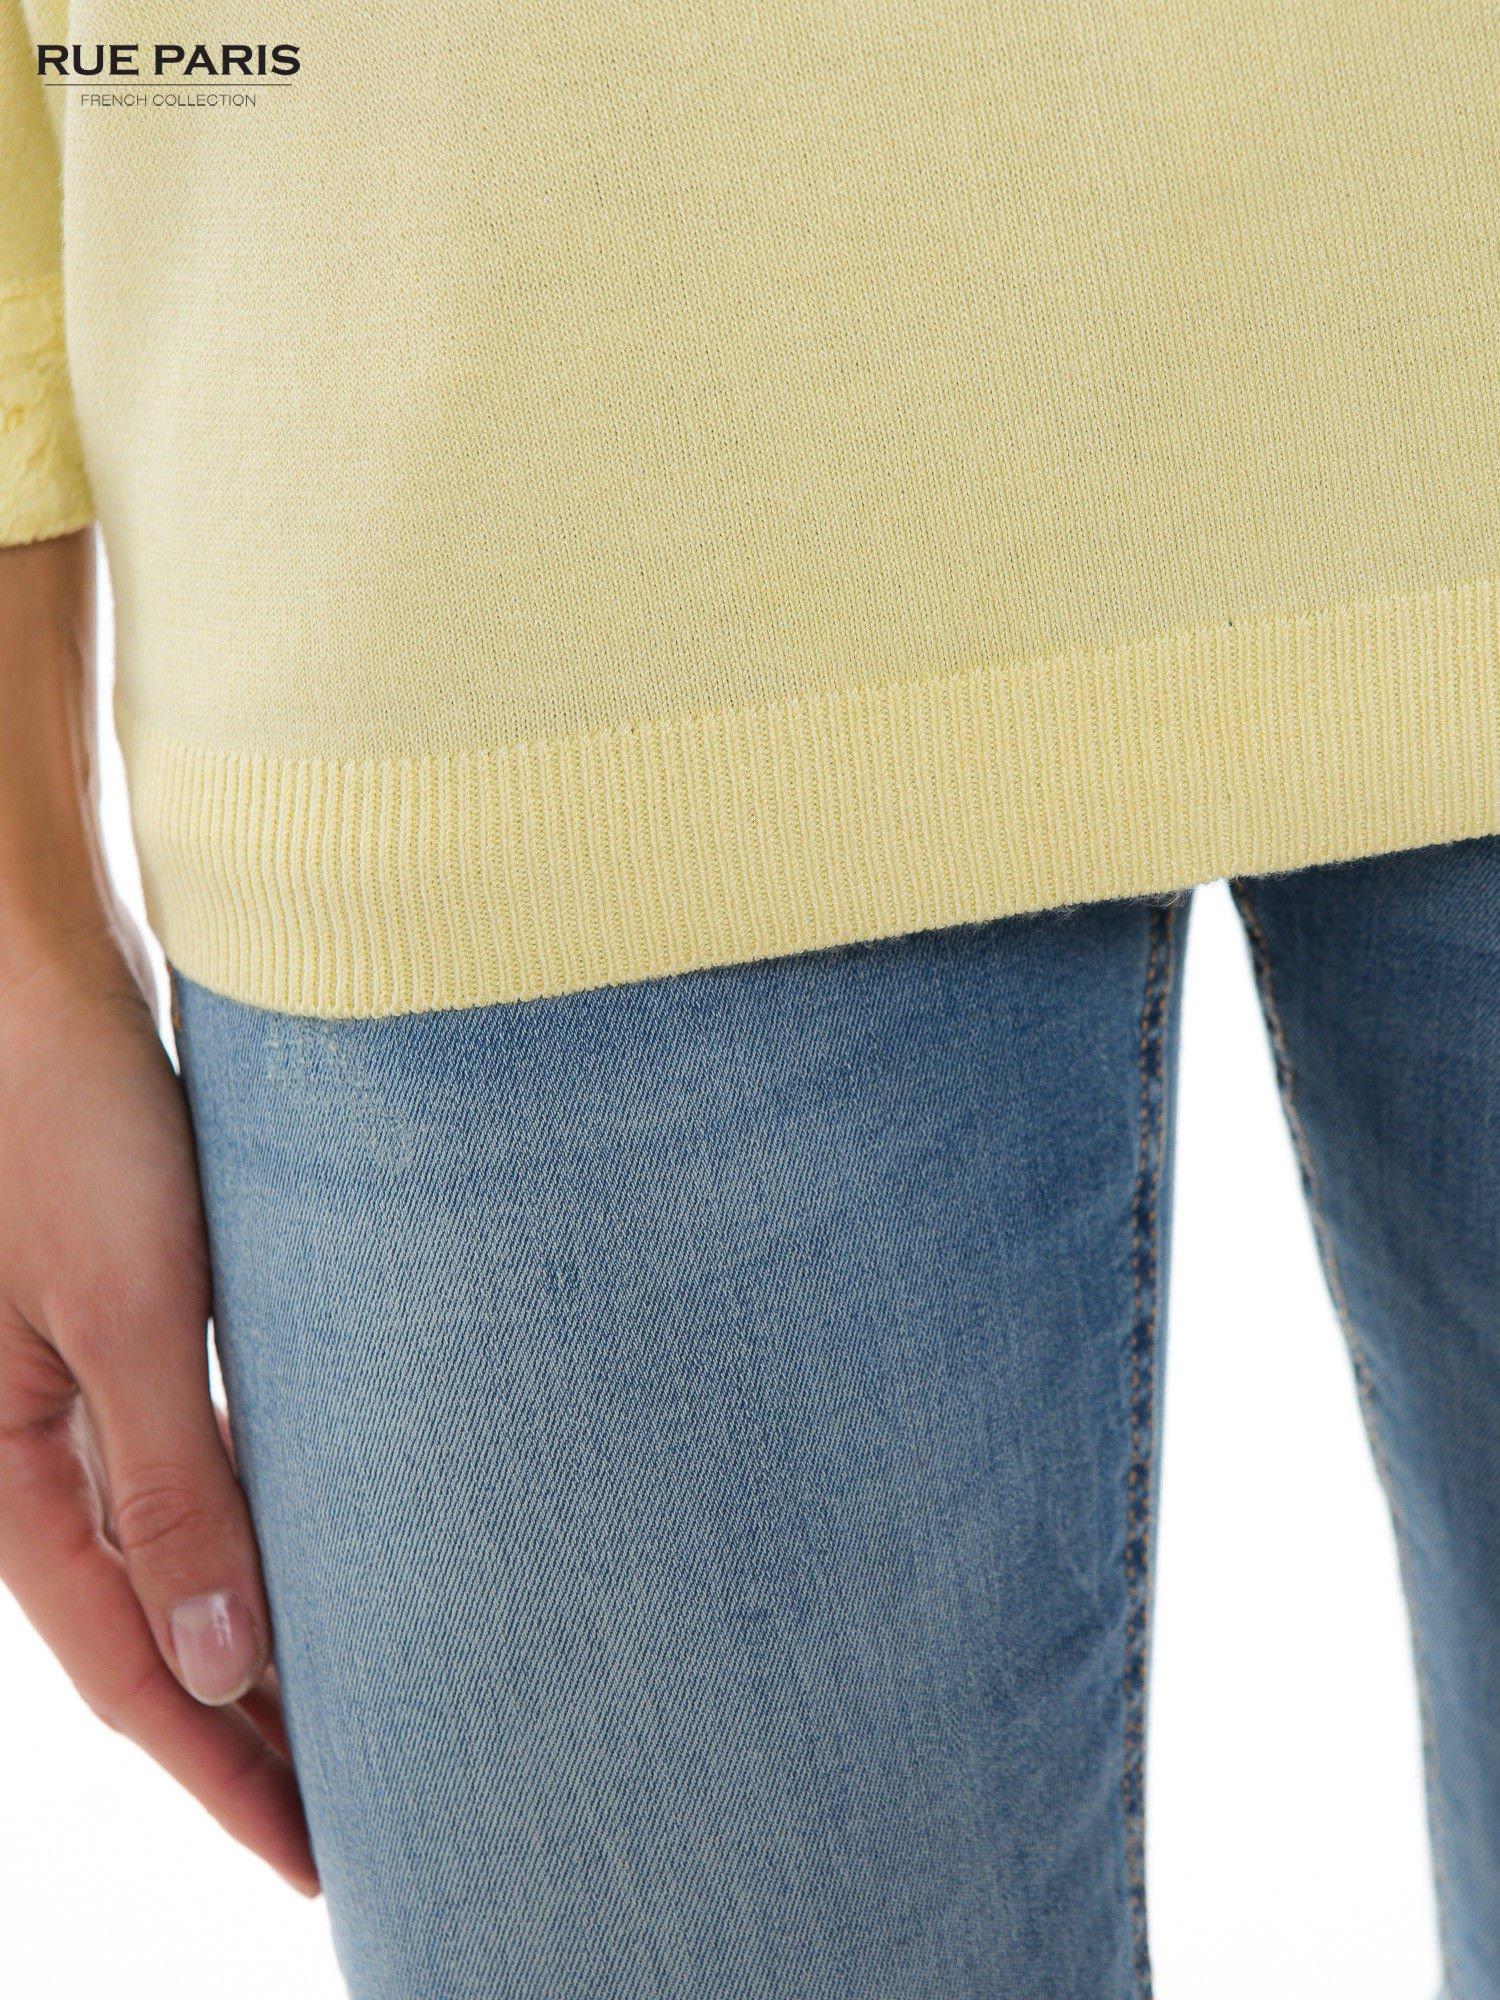 Pastelowożółty sweter z długim rękawem wykończonym koronkowym mankietem                                  zdj.                                  6